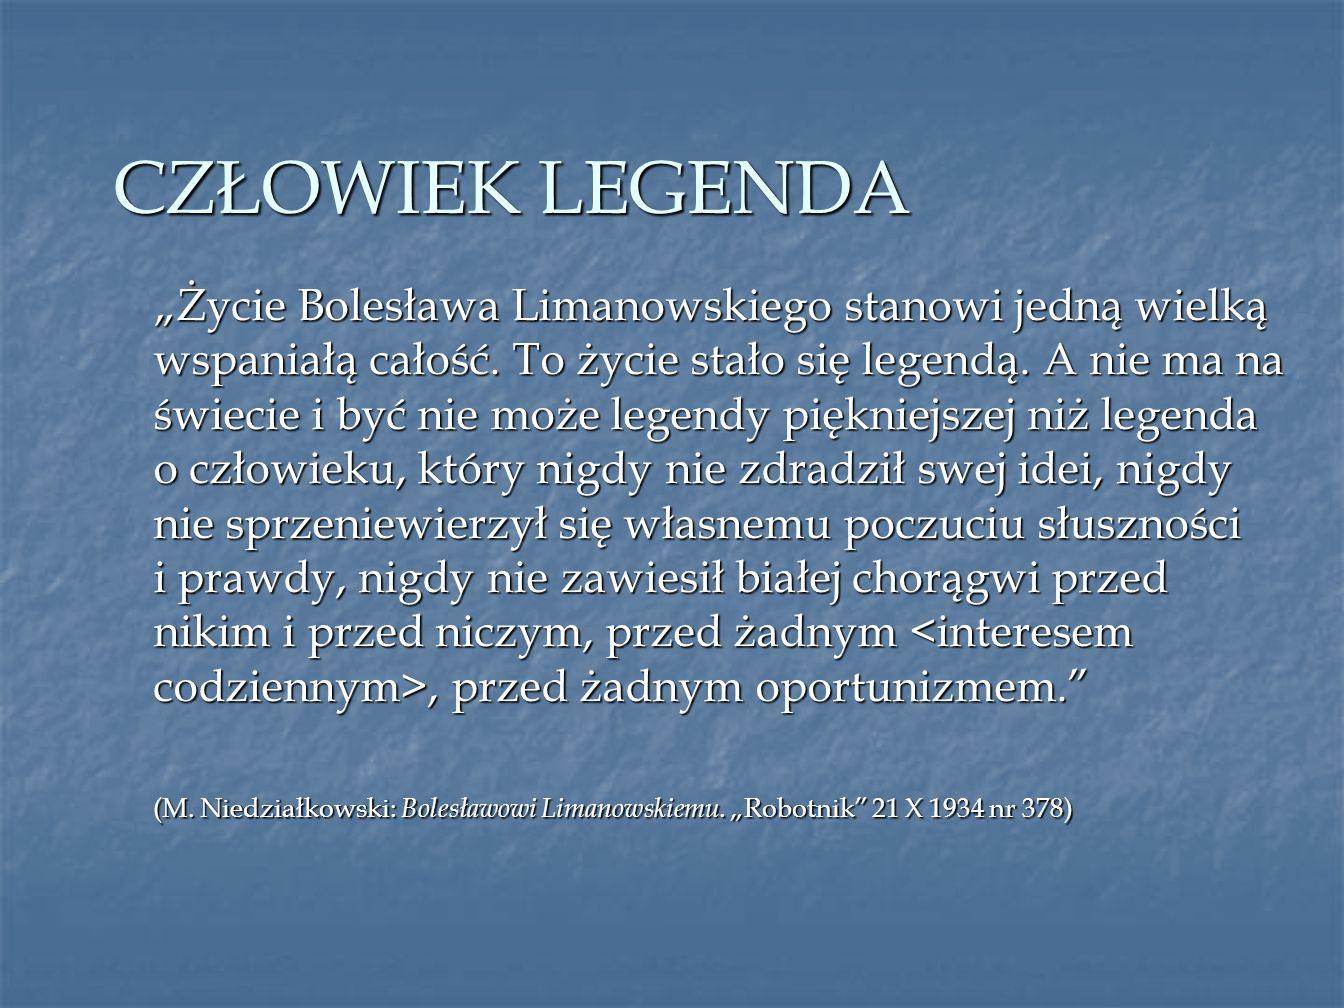 CZŁOWIEK LEGENDA Życie Bolesława Limanowskiego stanowi jedną wielką wspaniałą całość. To życie stało się legendą. A nie ma na świecie i być nie może l